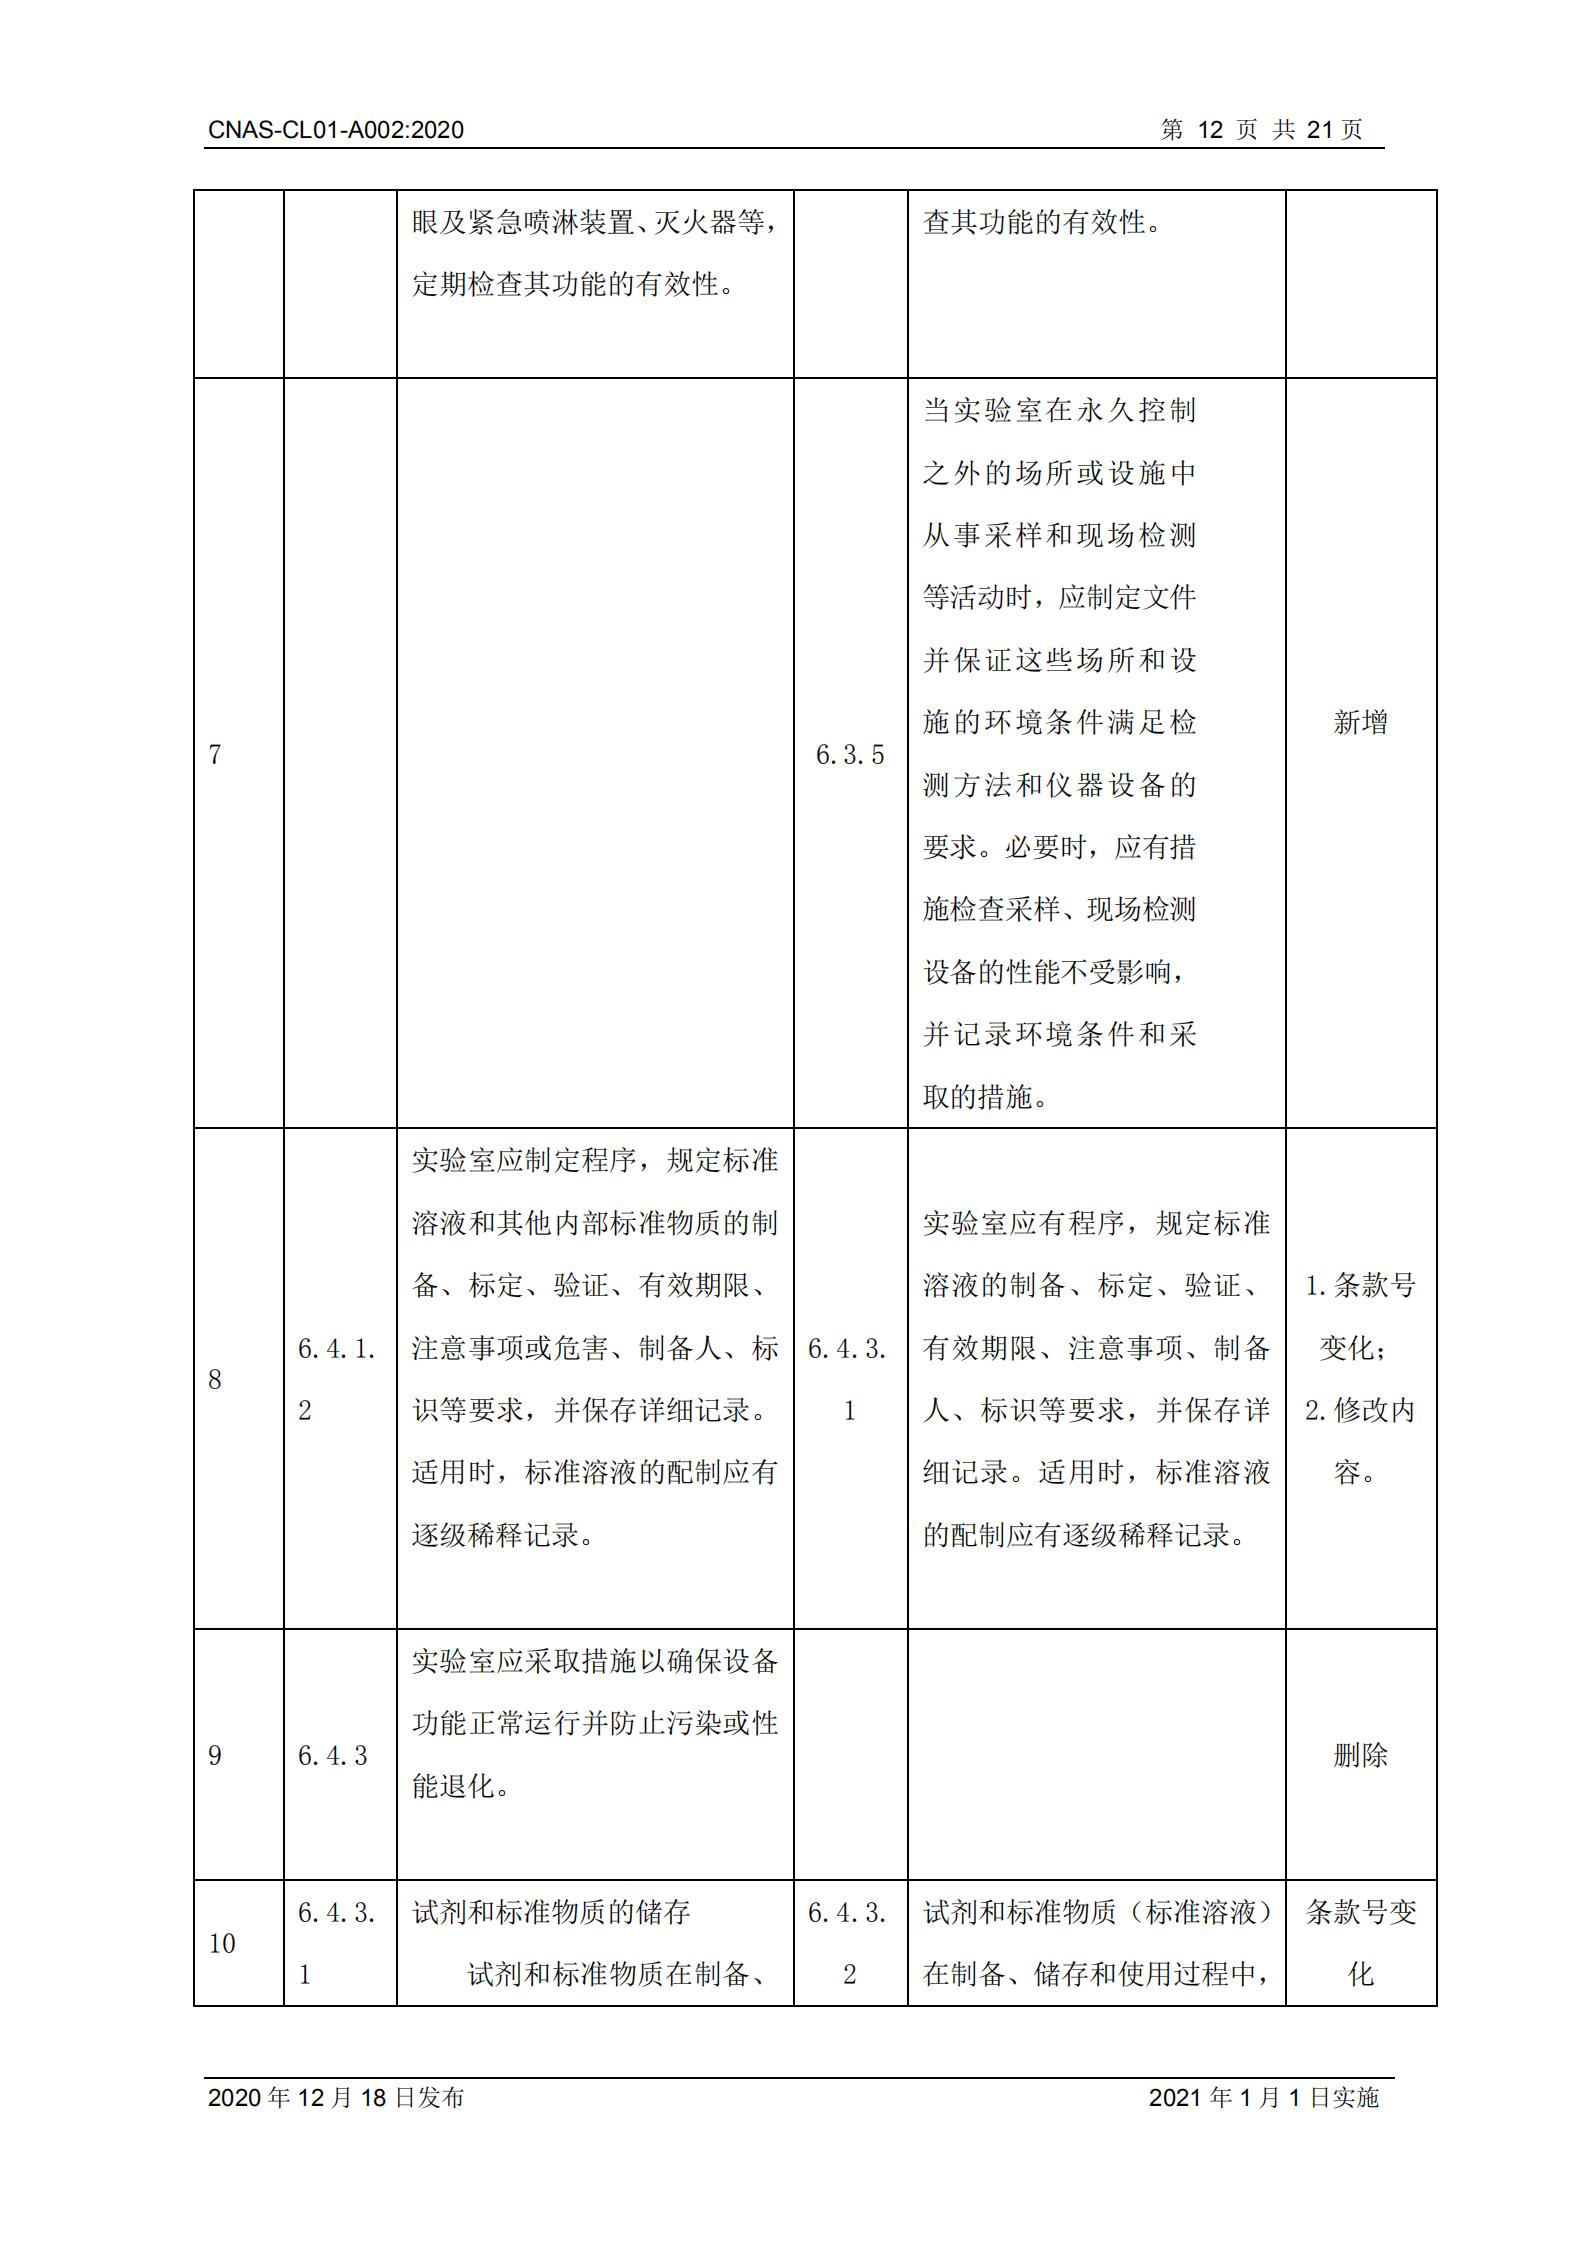 CNAS-CL01-A002_2020_12.png